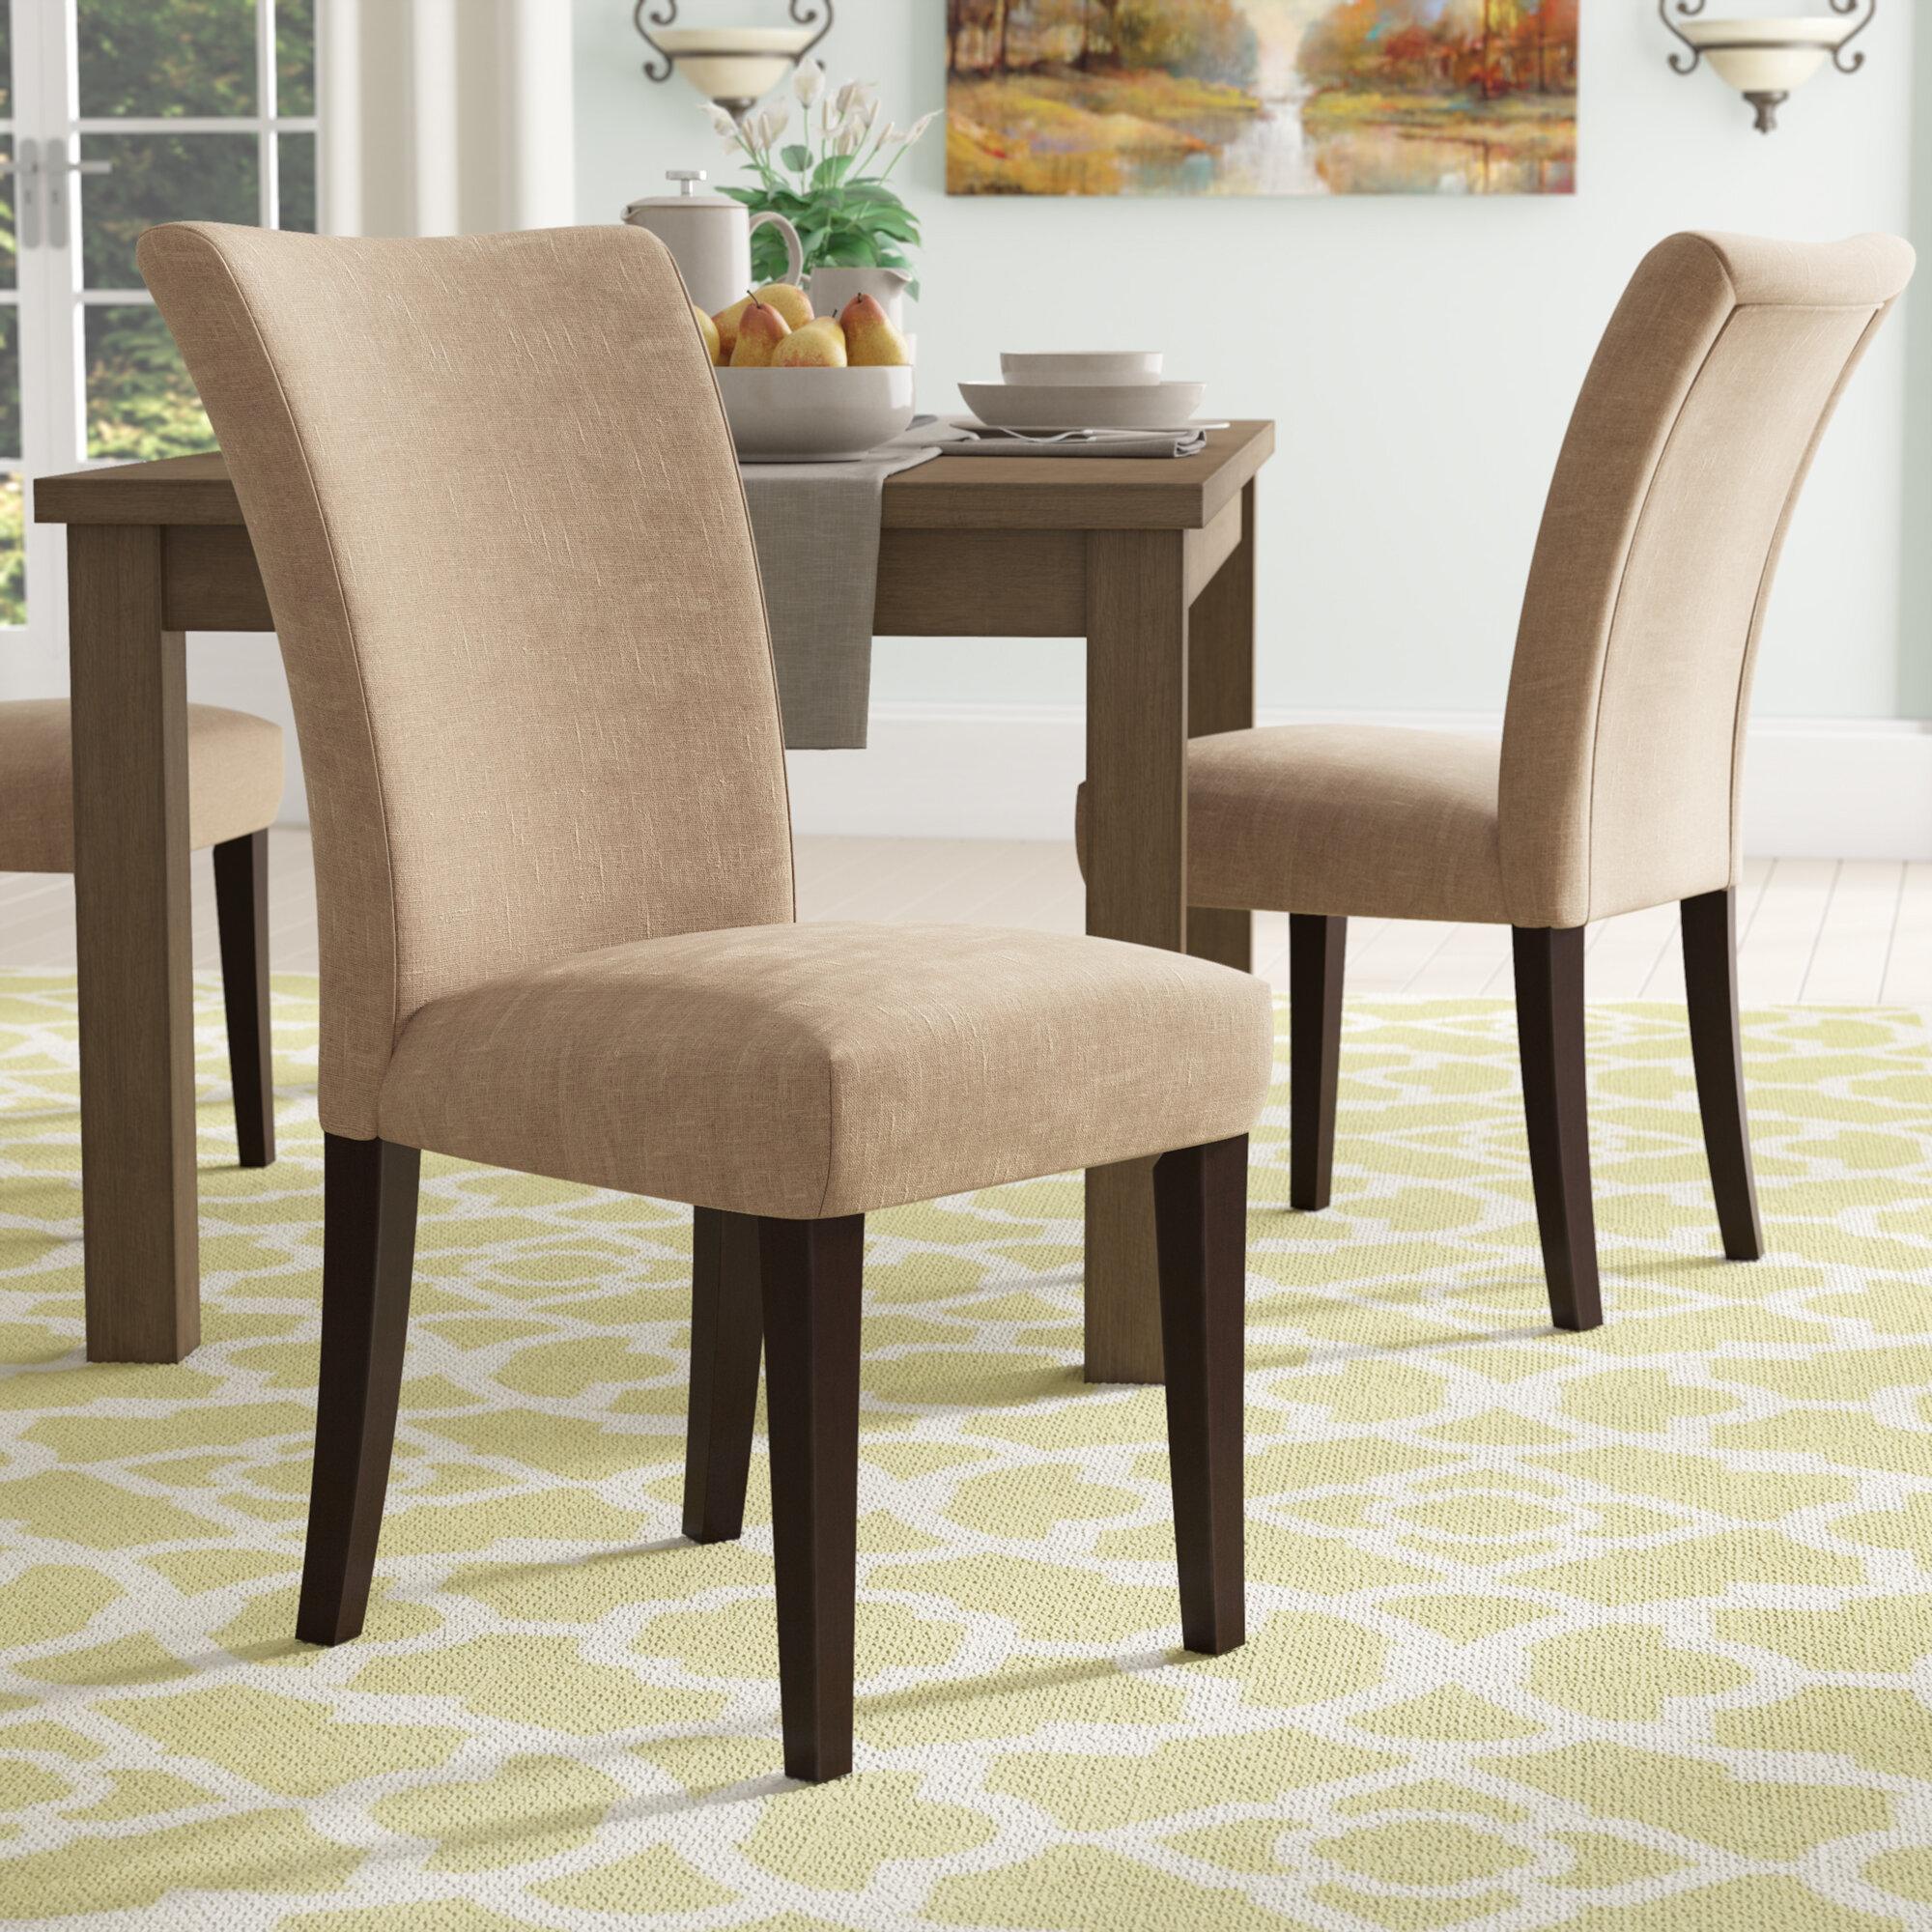 Tremendous Doerr Linen Parson Upholstered Dining Chair Ncnpc Chair Design For Home Ncnpcorg